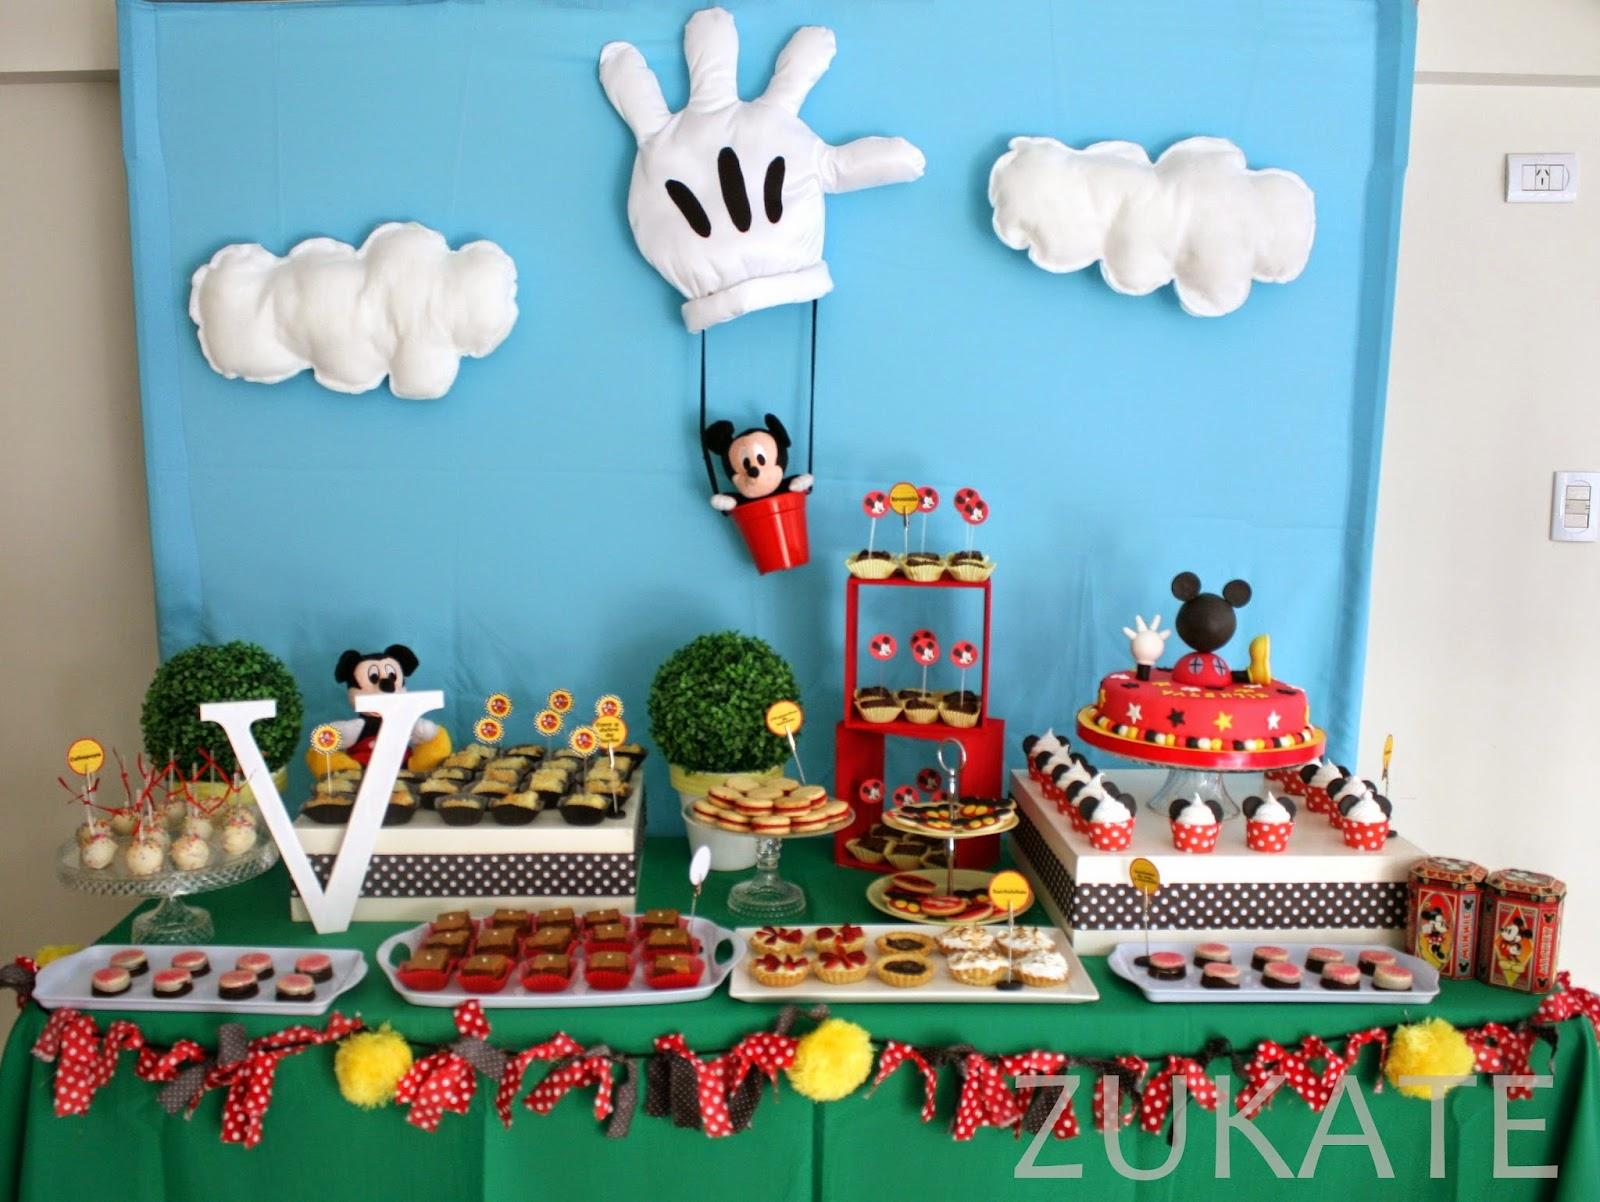 Fiesta de la casa de mickey mouse para valent n zukate for Decoraciones para hacer en casa